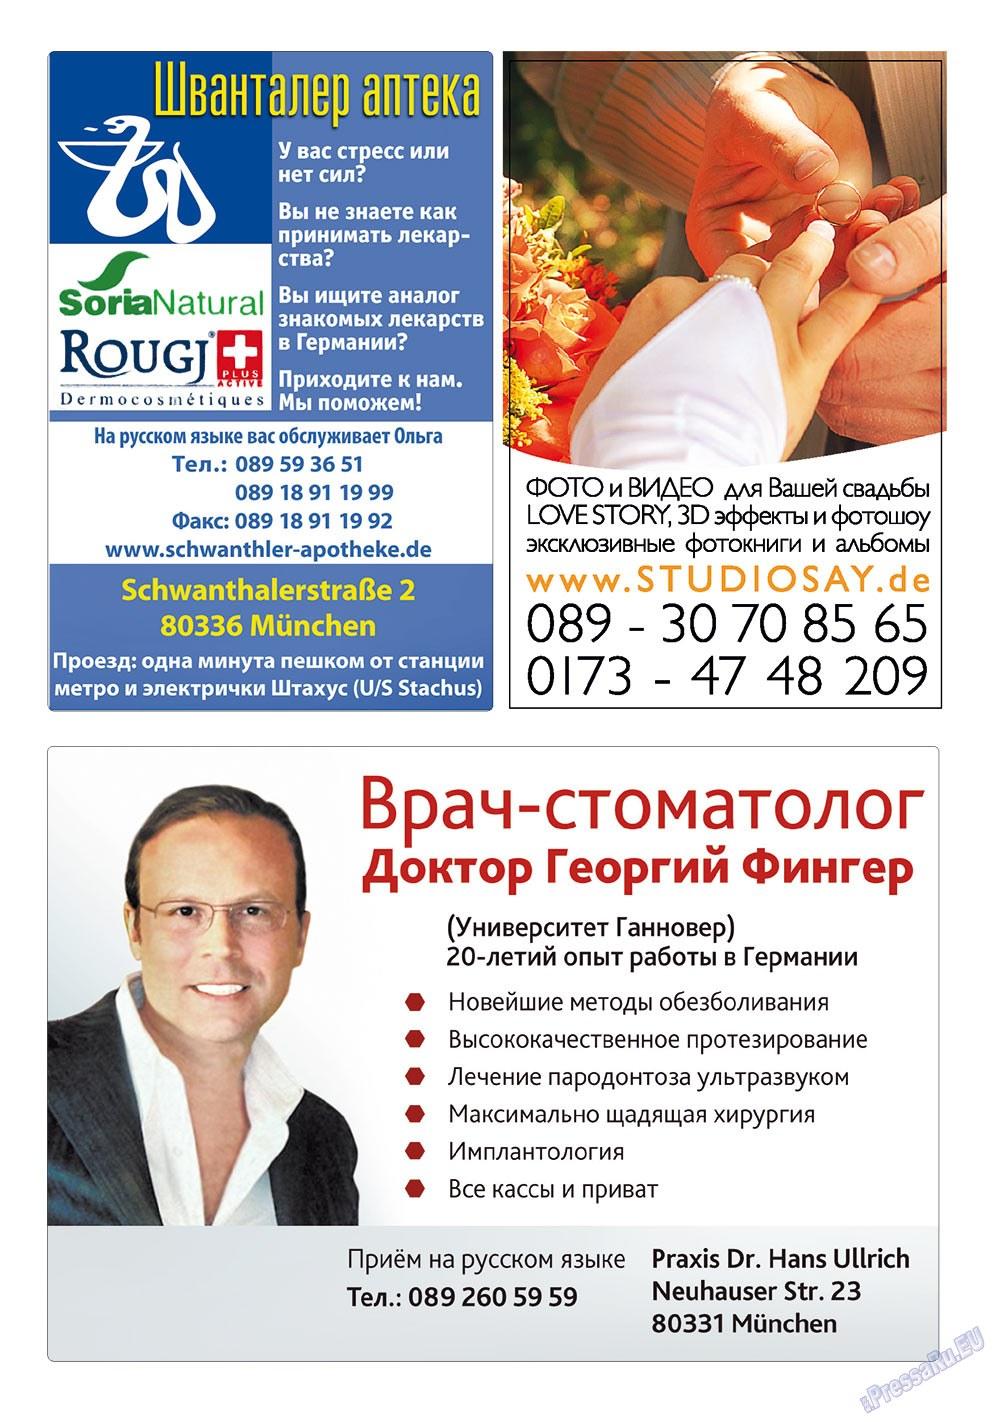 Апельсин (журнал). 2011 год, номер 24, стр. 9